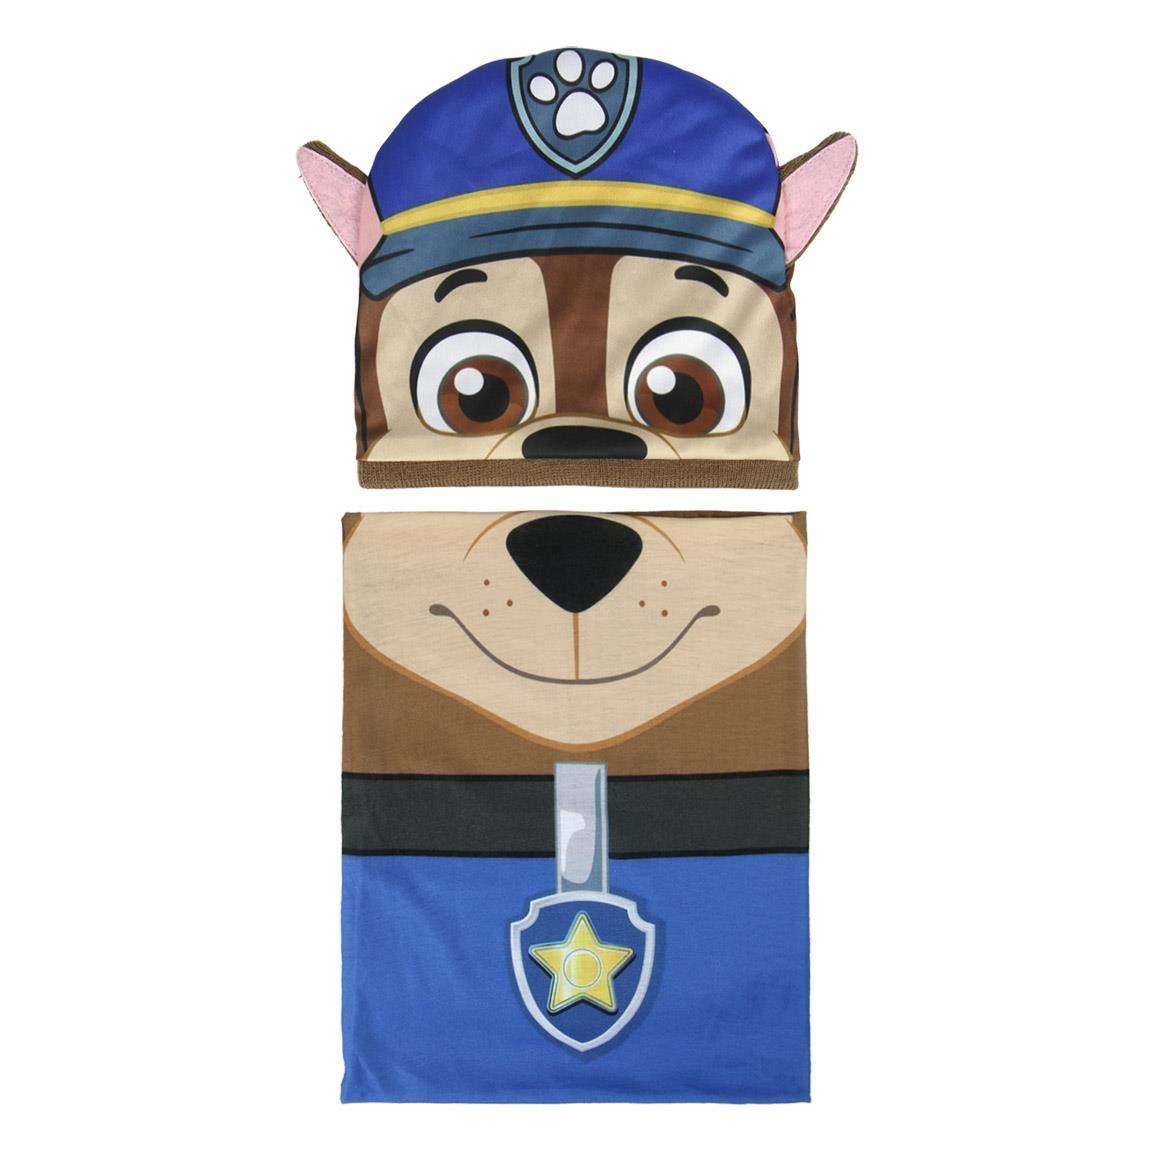 Cerdá Boy's Conjunto 2 Piezas Paw Patrol Chase Scarf, Hat & Glove Set, Blue (Azul 001), One (Size: única) One (Size: única) Cerdá 2200003287